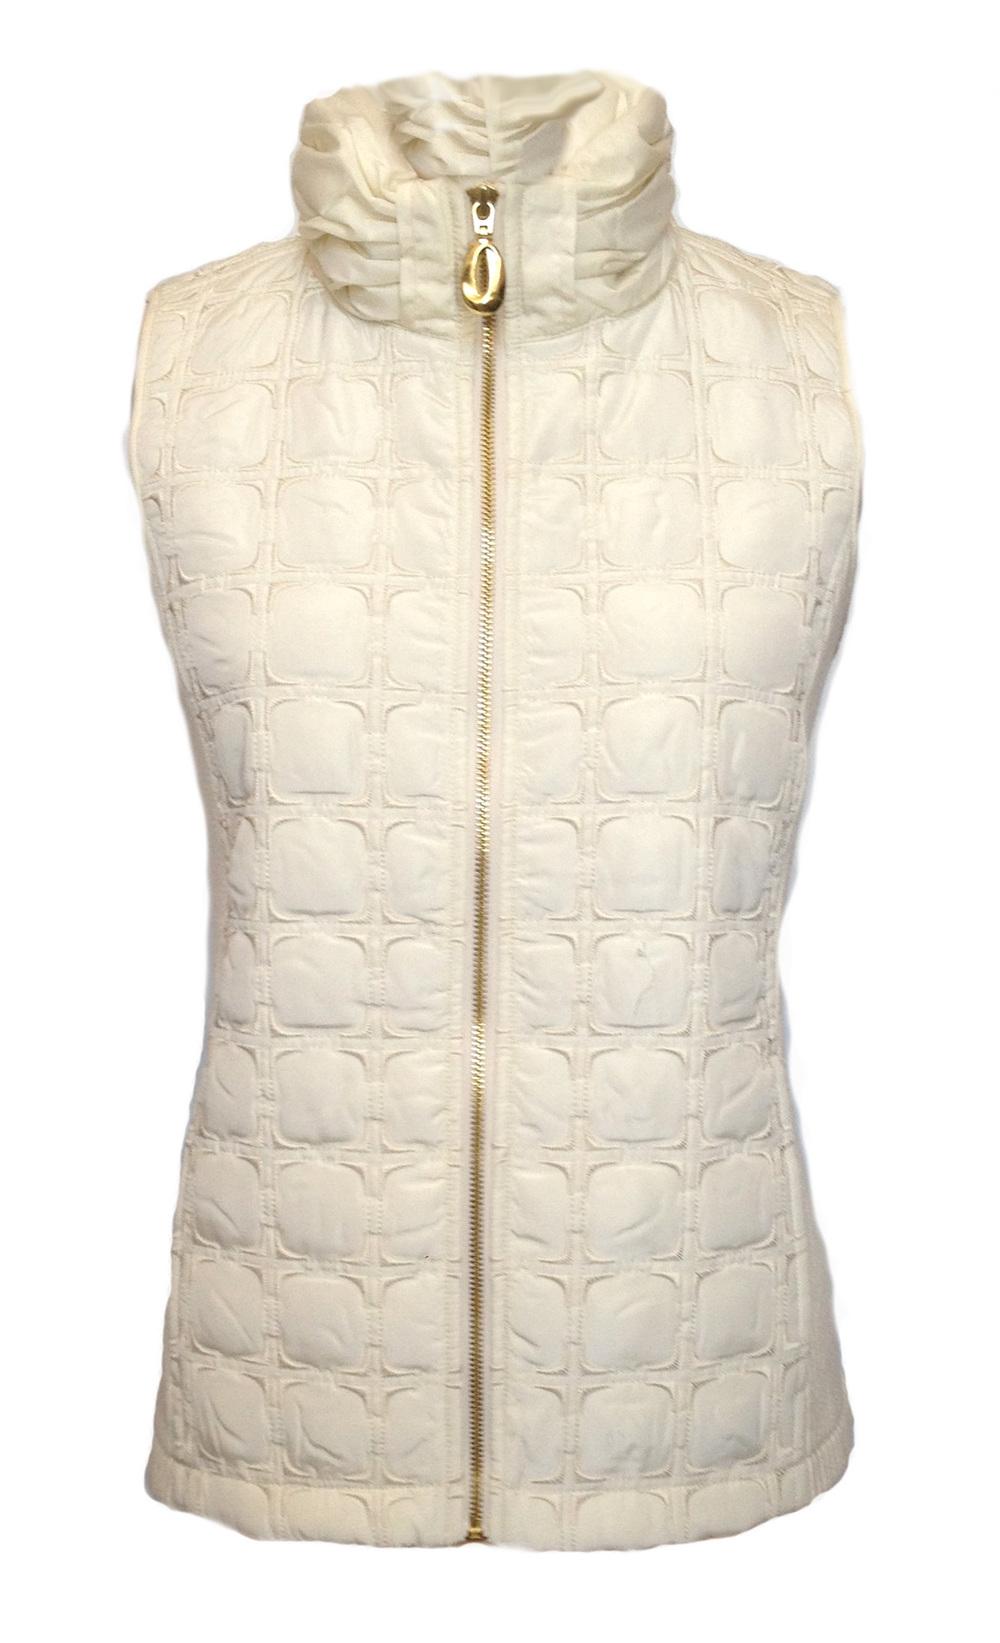 vest quilt crm.jpg